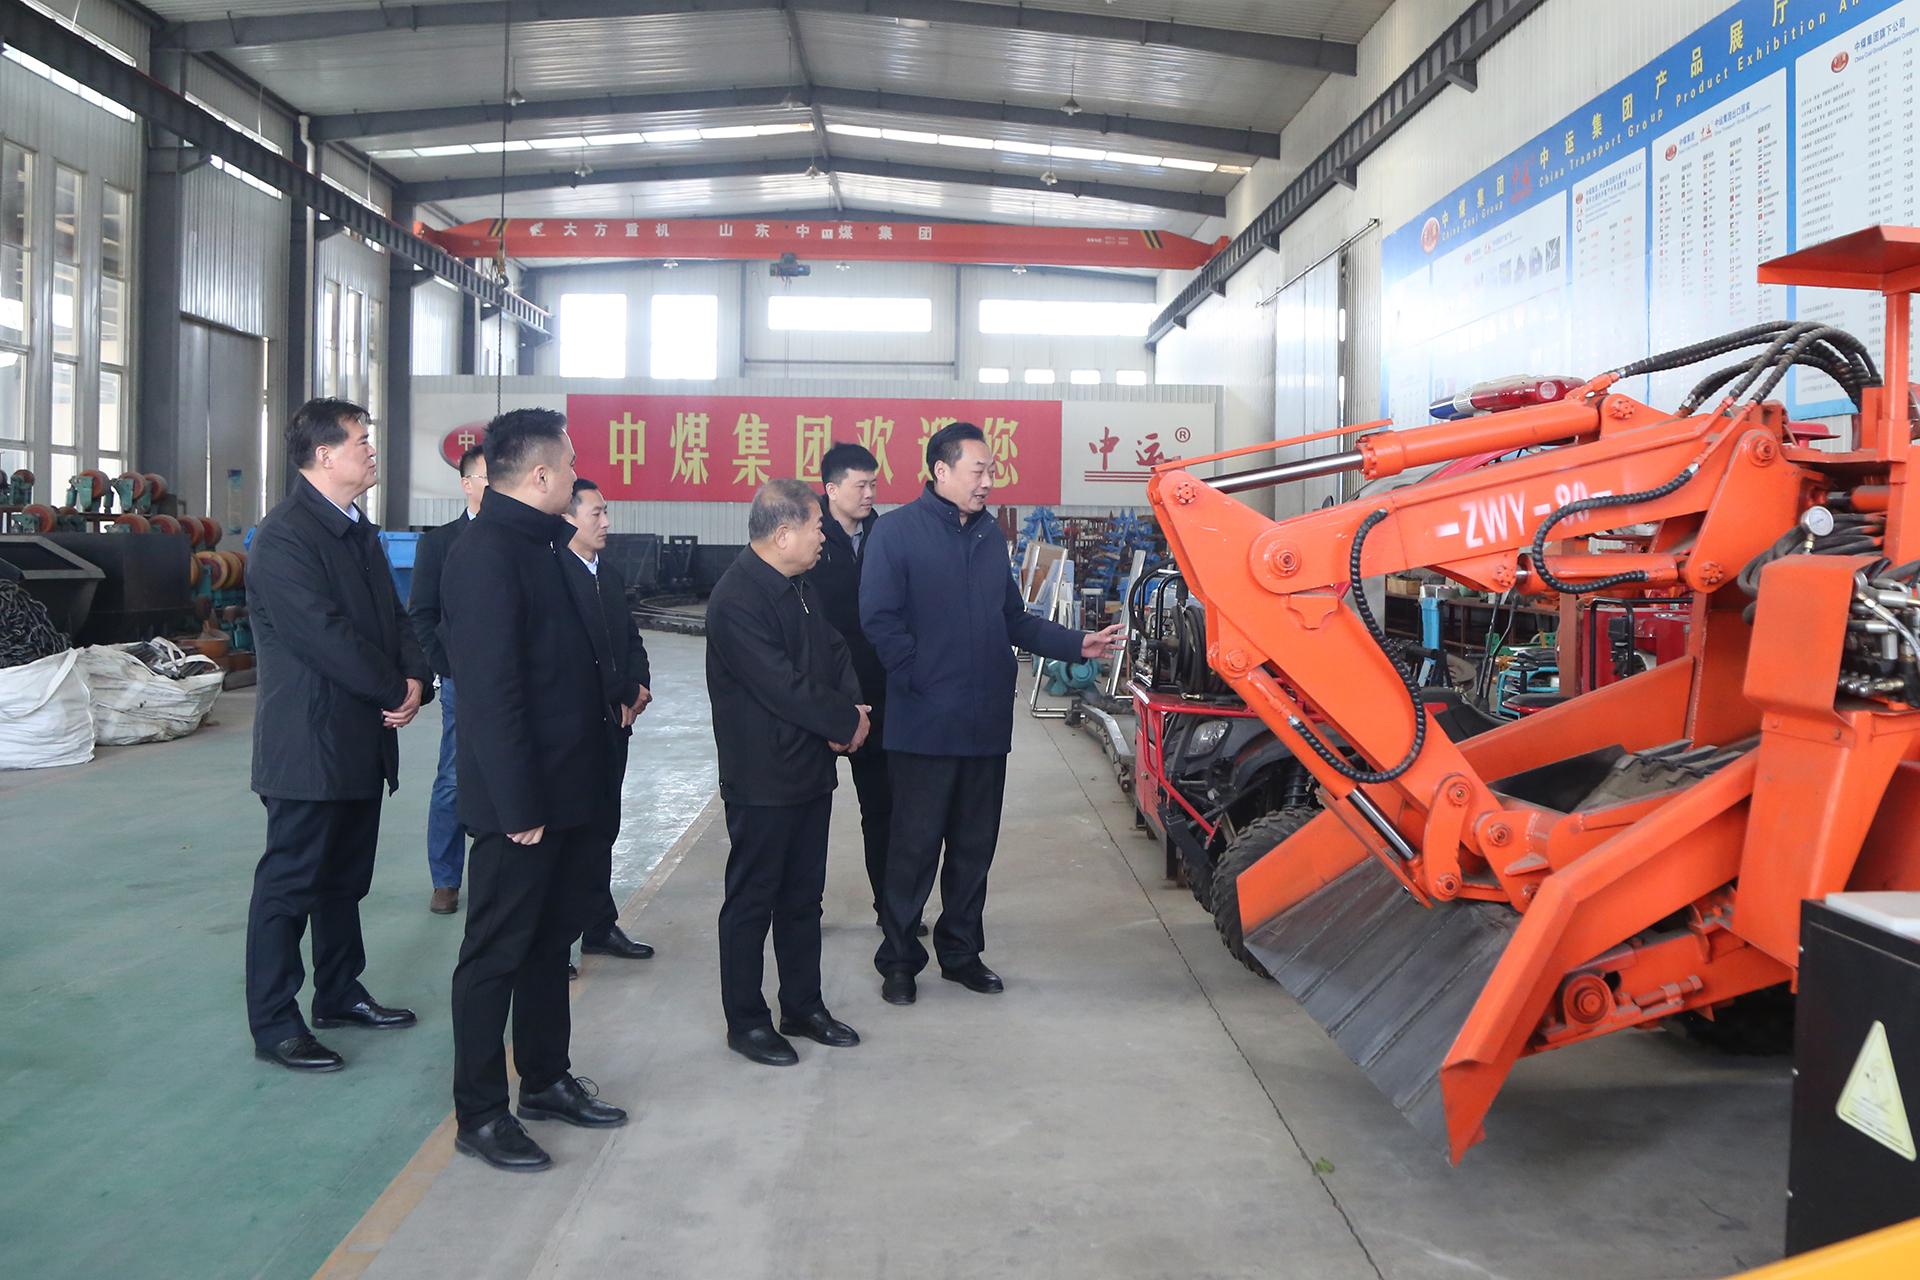 热烈欢迎山东省关工委领导莅临中煤集团参观指导